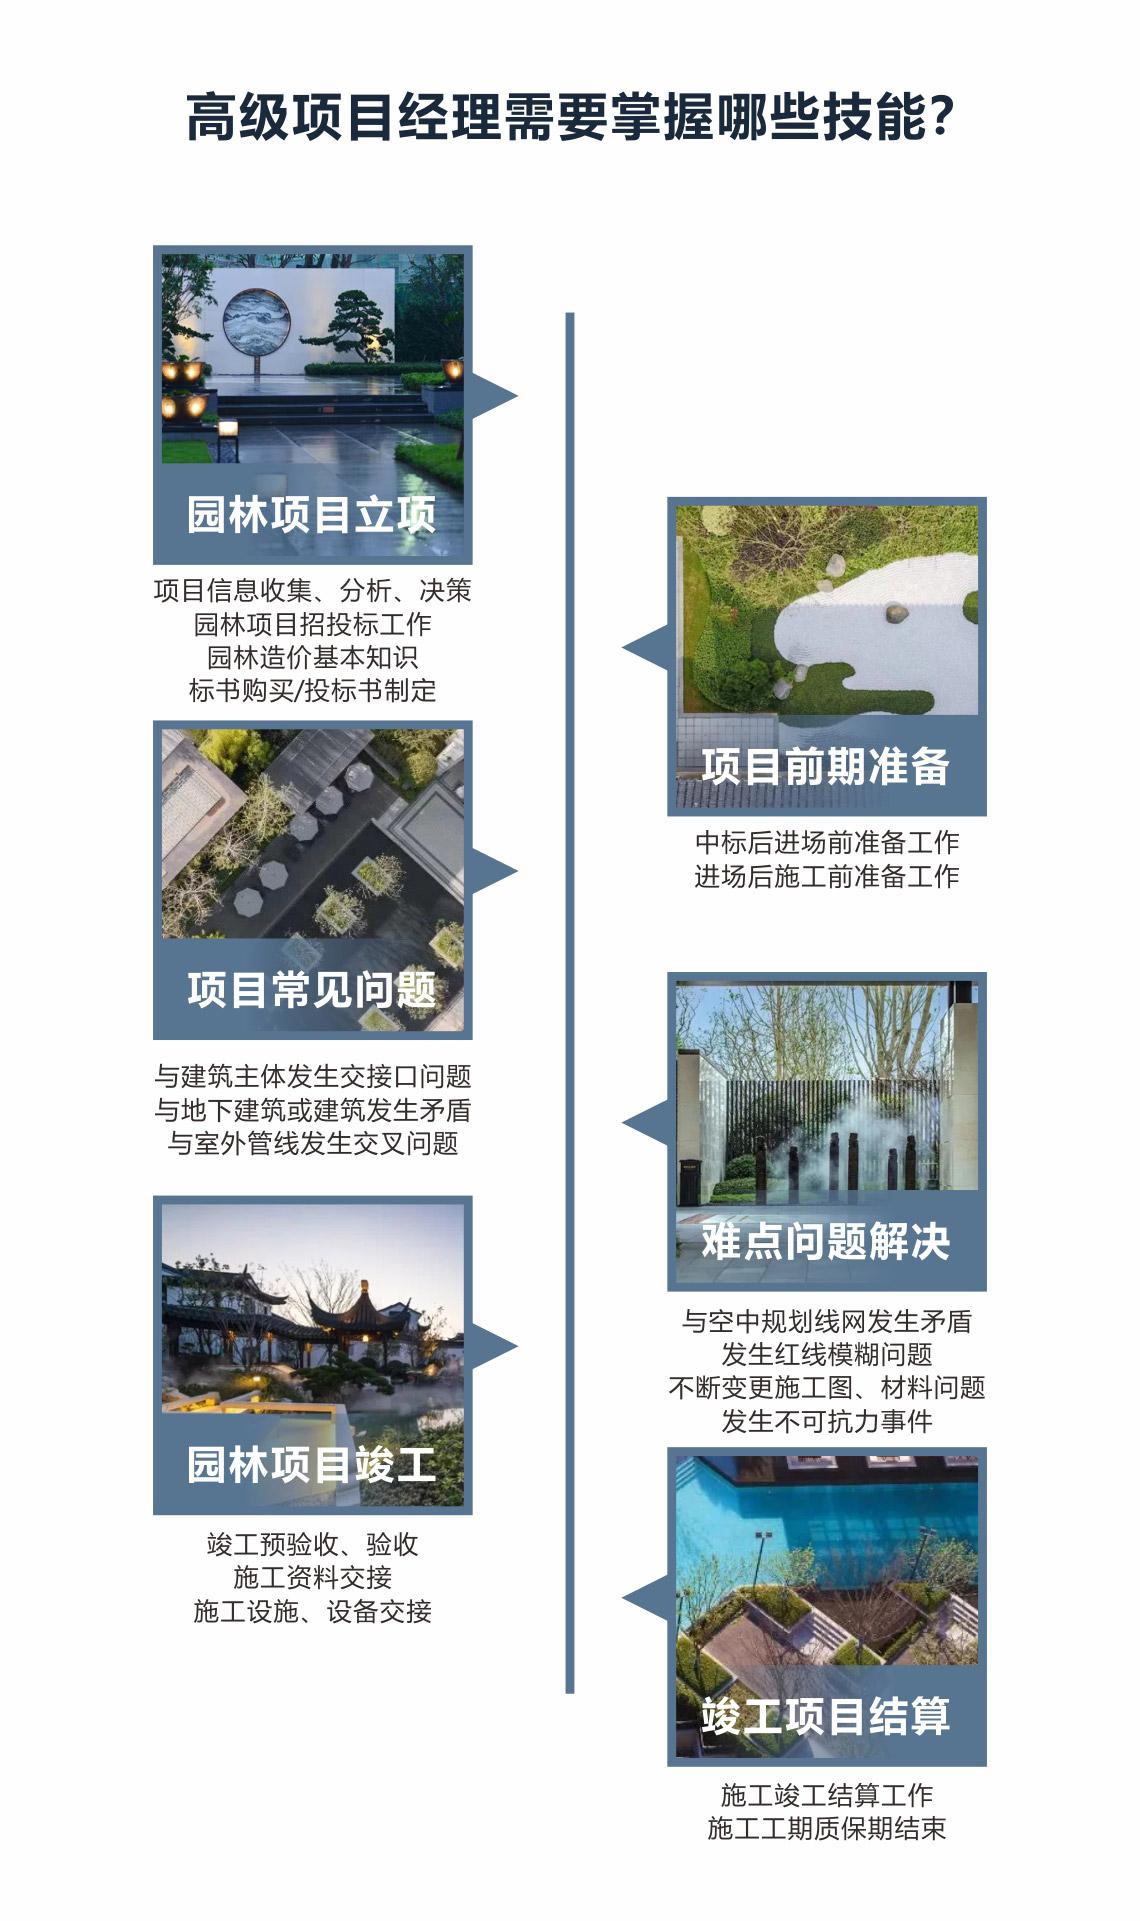 园林景观施工项目立项:项目信息收集,分析,决策。项目前期准备:中标后进场前准备工作。项目常见问题,难点问题解决。项目竣工结算。